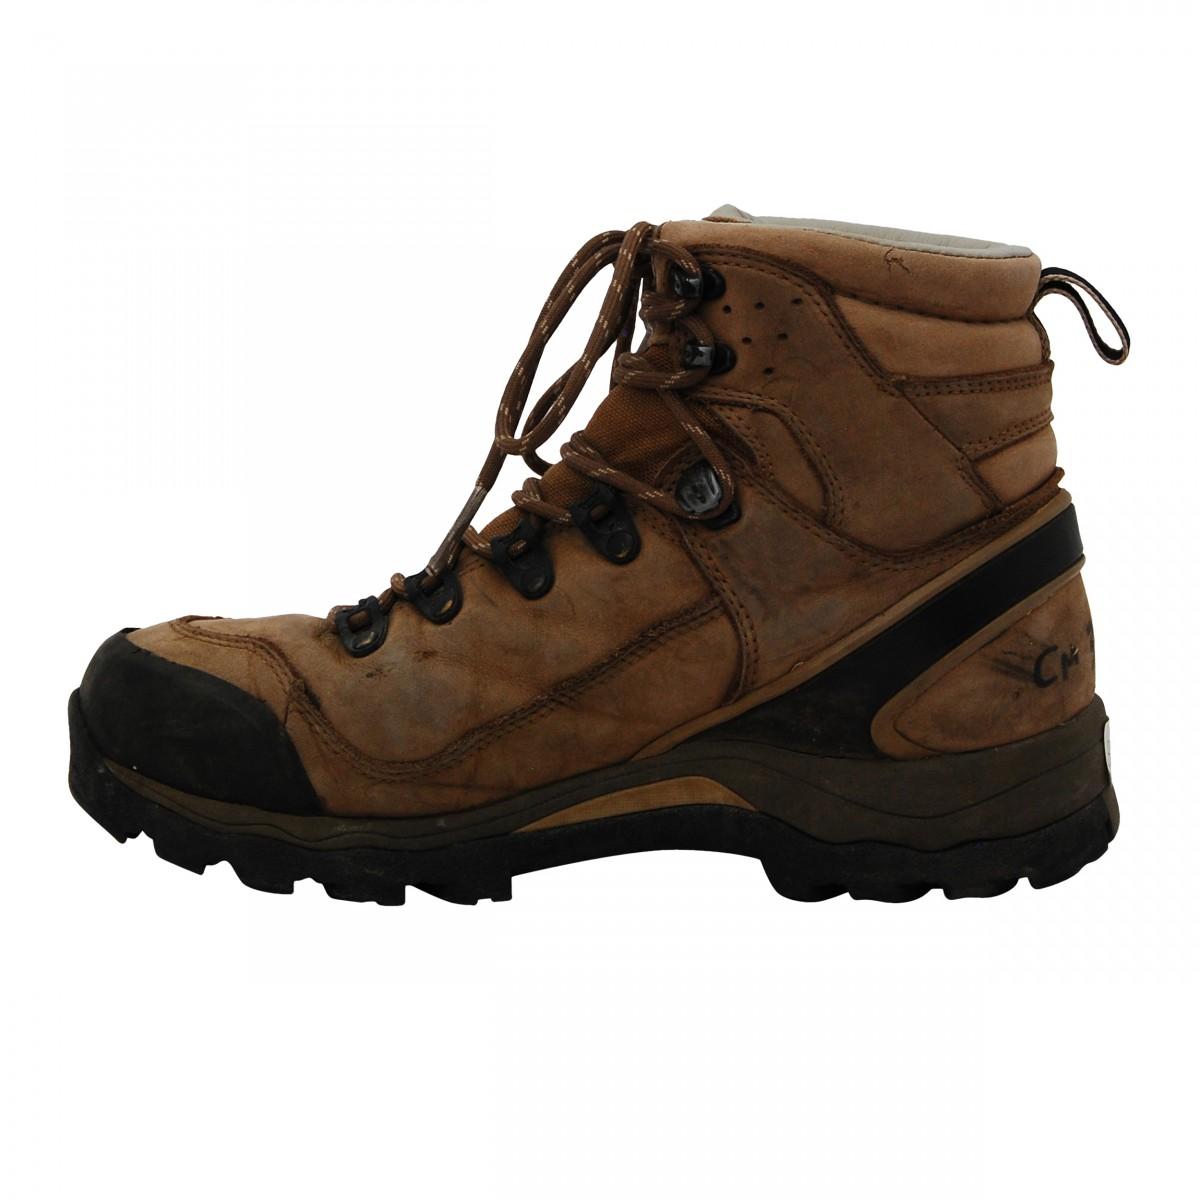 Chaussure Randonnée Salomon 4